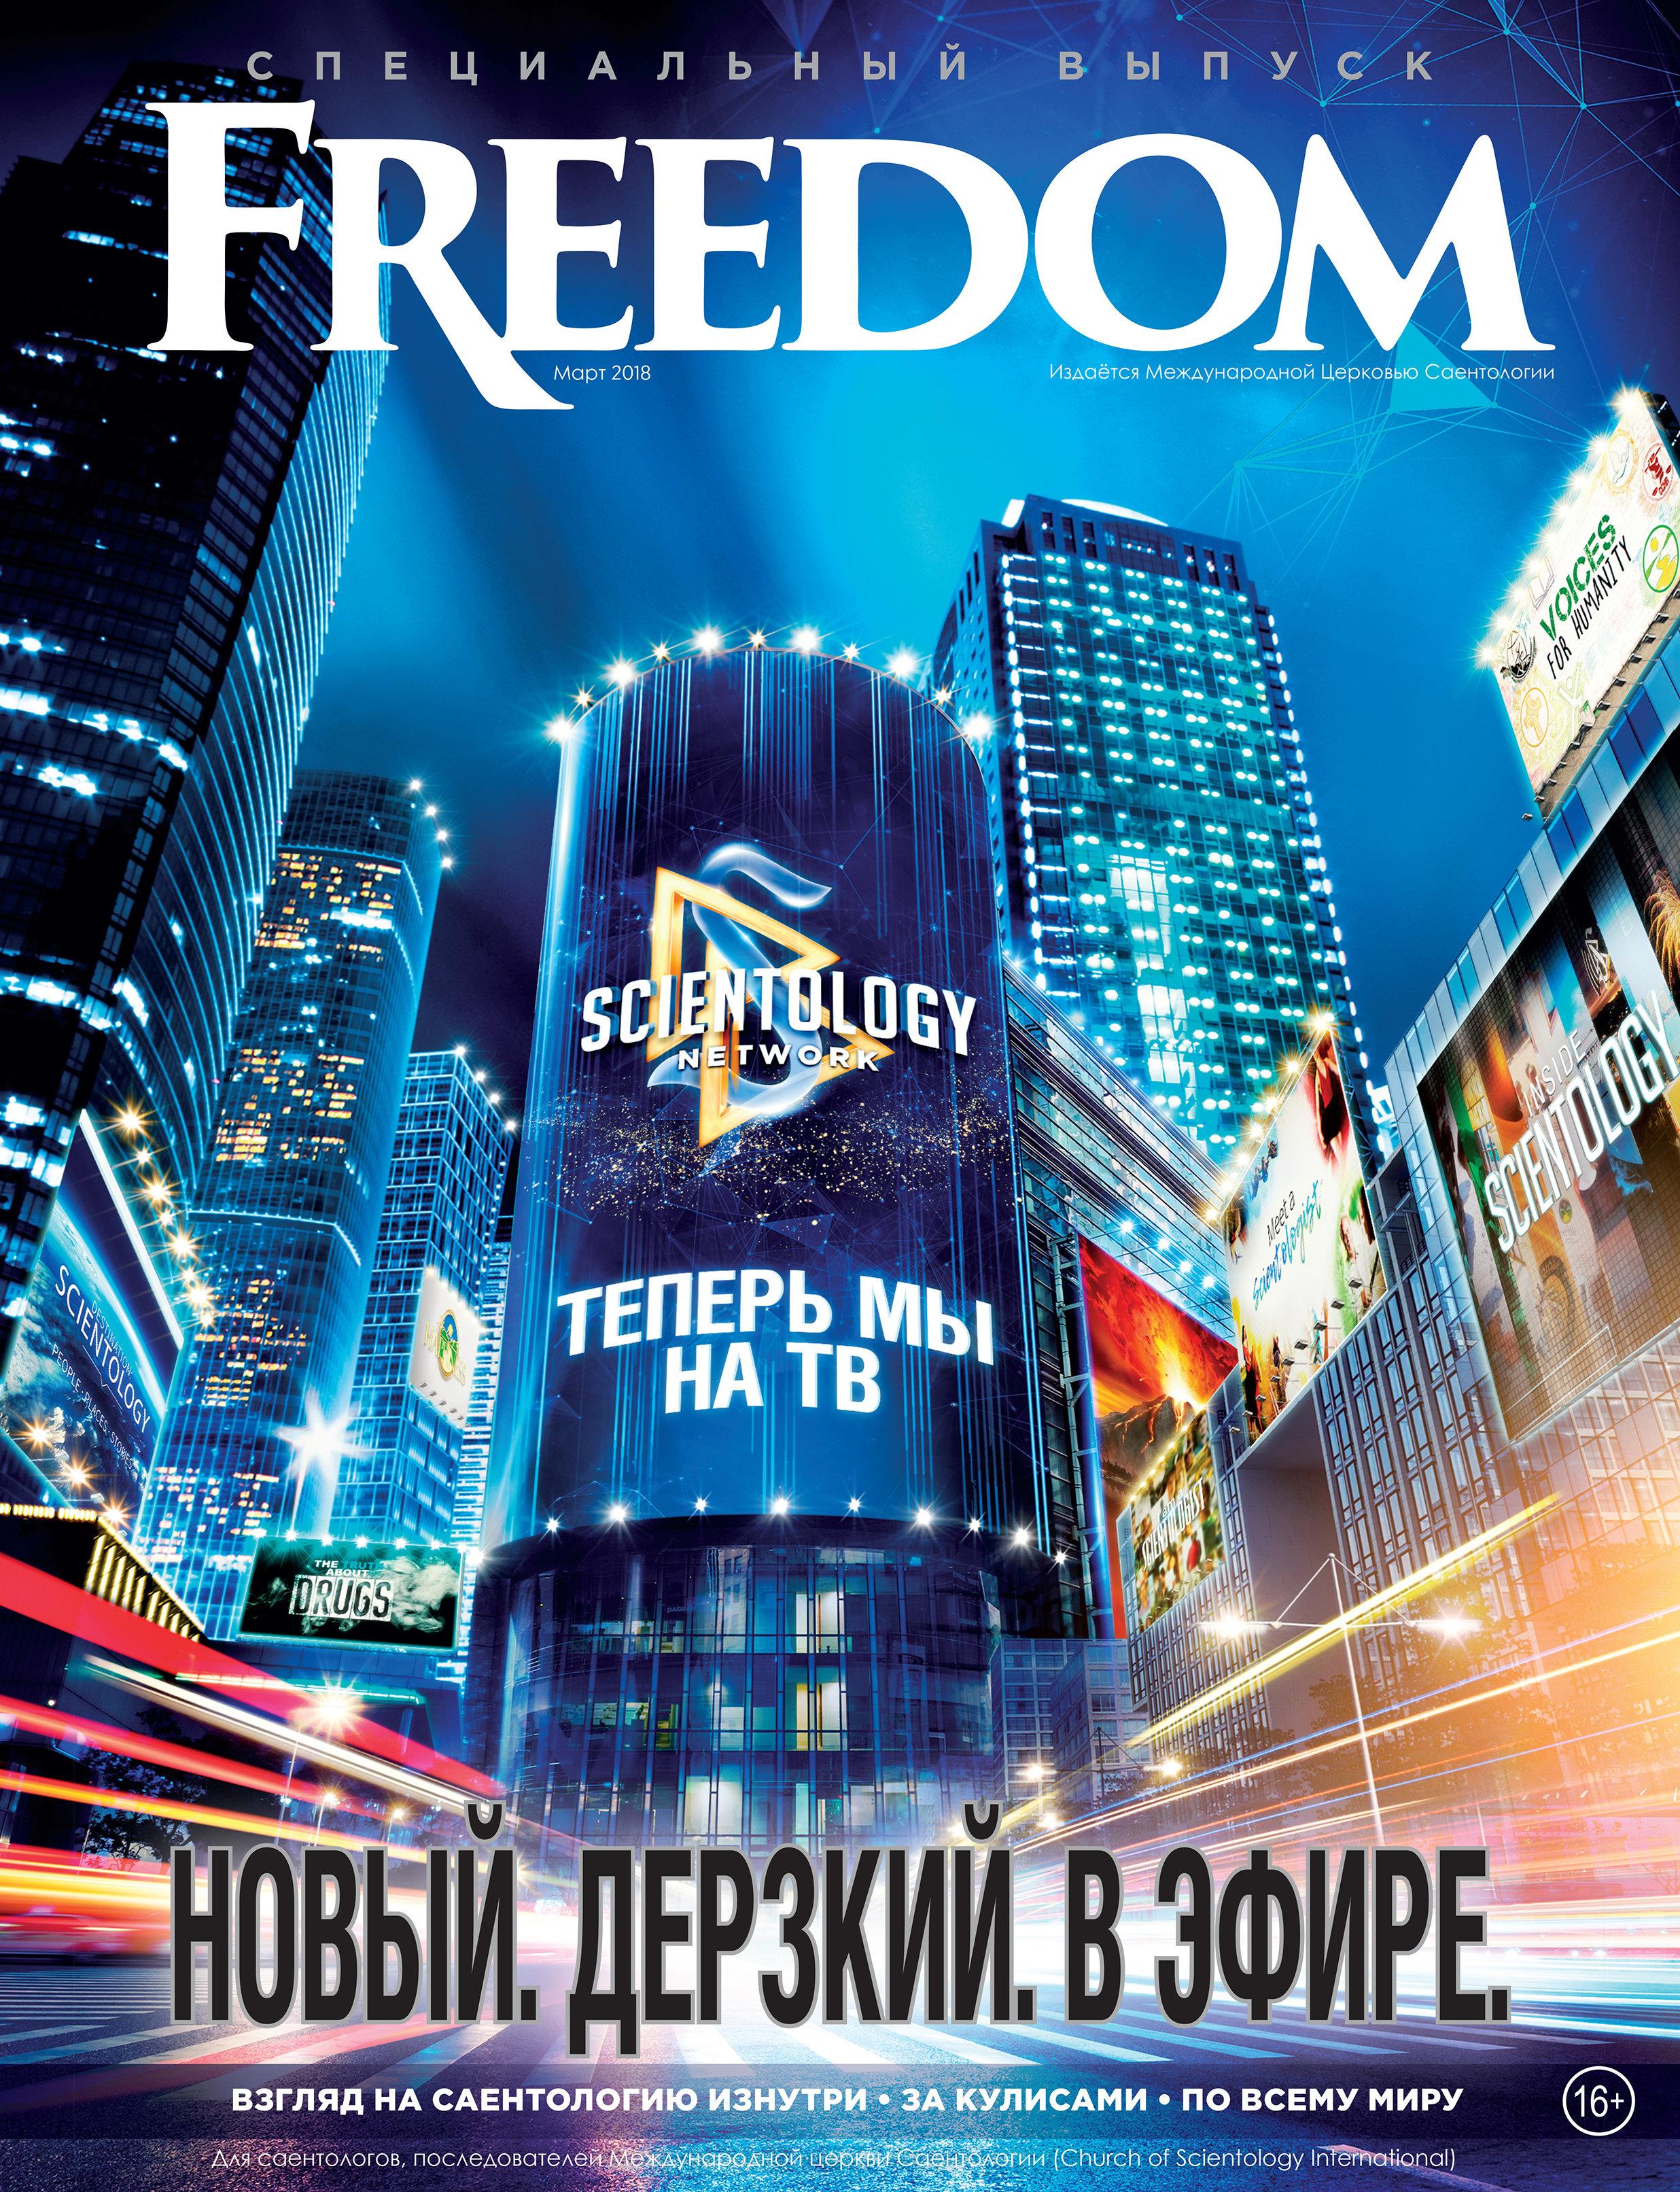 саентология изнутри история без цензуры журнал Freedom